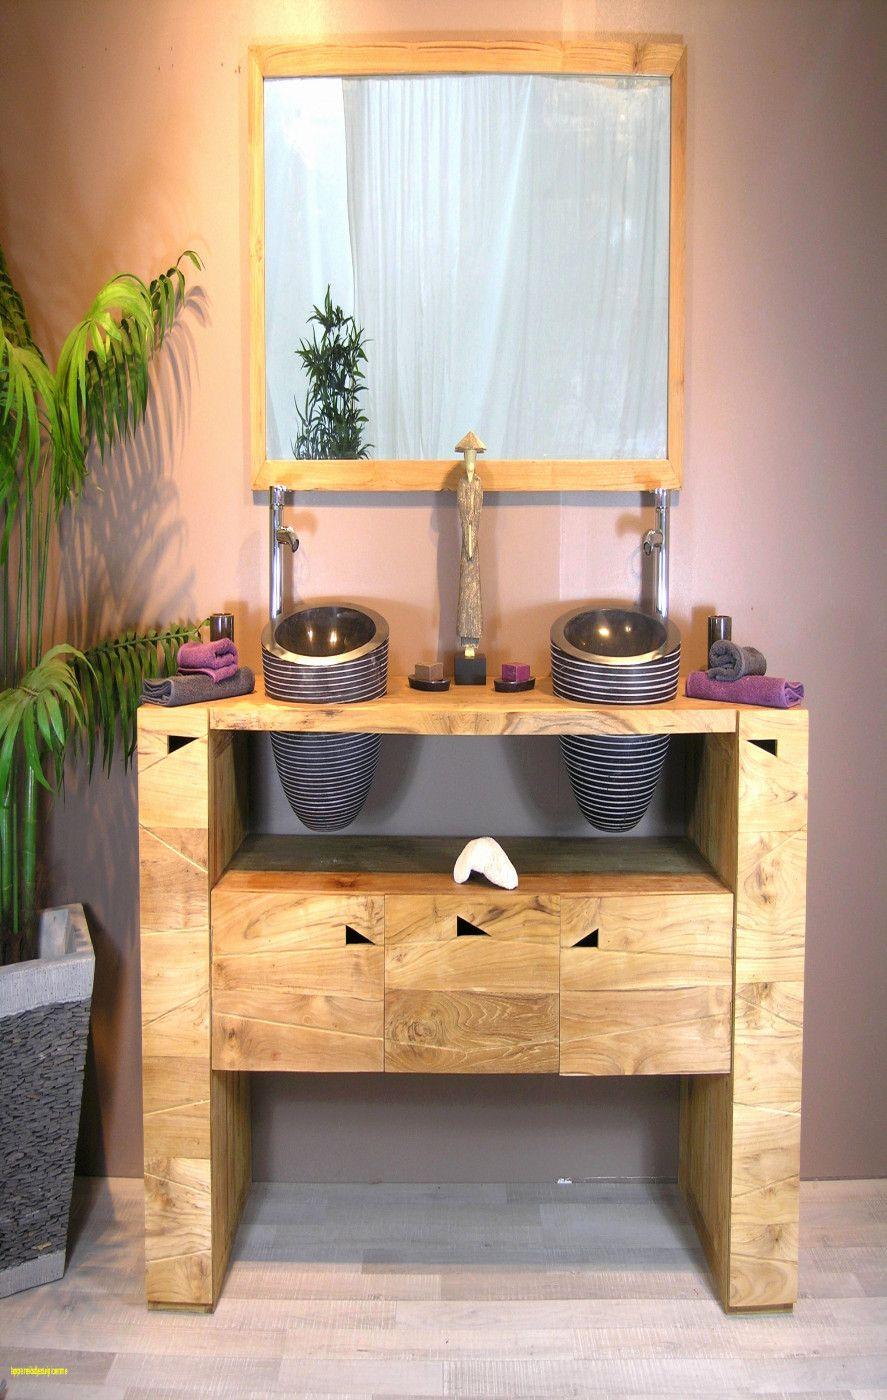 Meuble Tv Teck Soldes Meuble Salle De Bain Meuble Double Vasque Bois Meuble Double Vasque